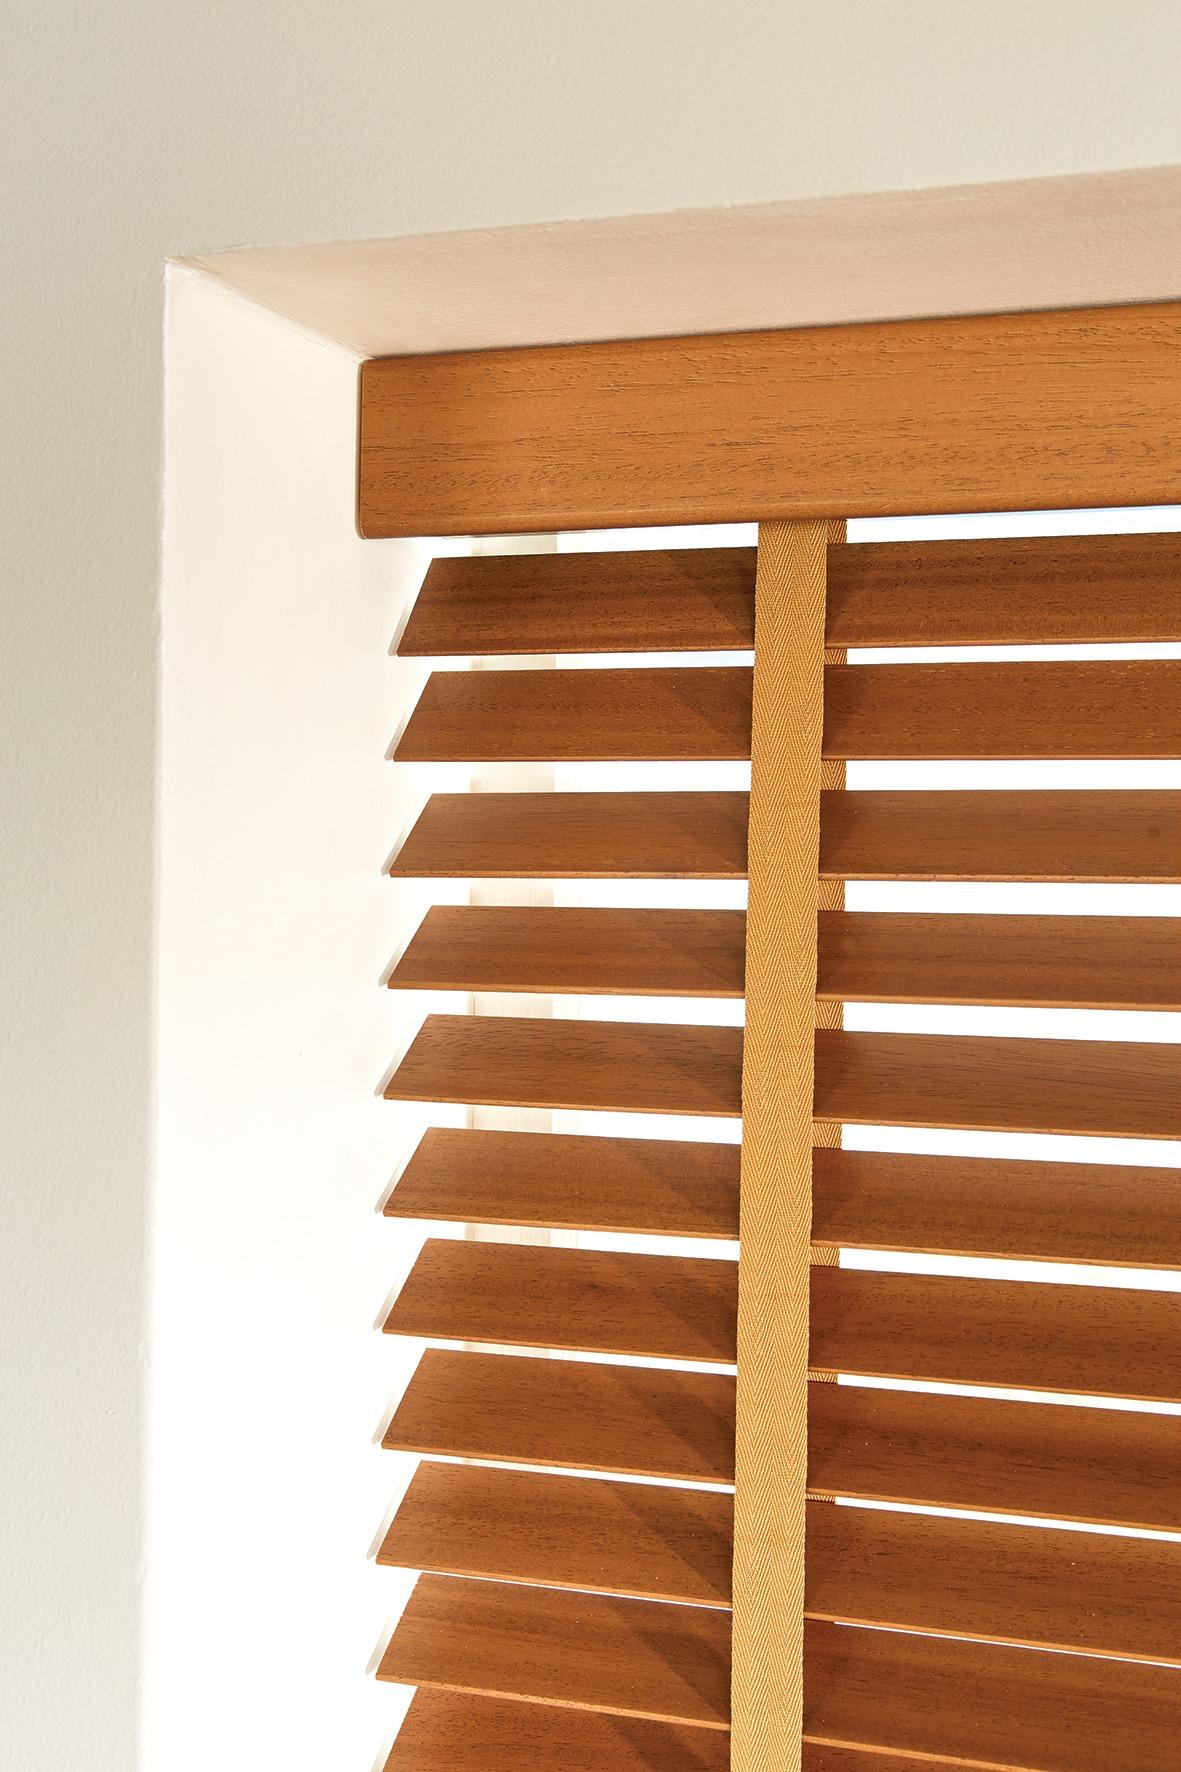 Wooden Blinds Hull | Wood Slat Venetian Blinds | Sandridge ...